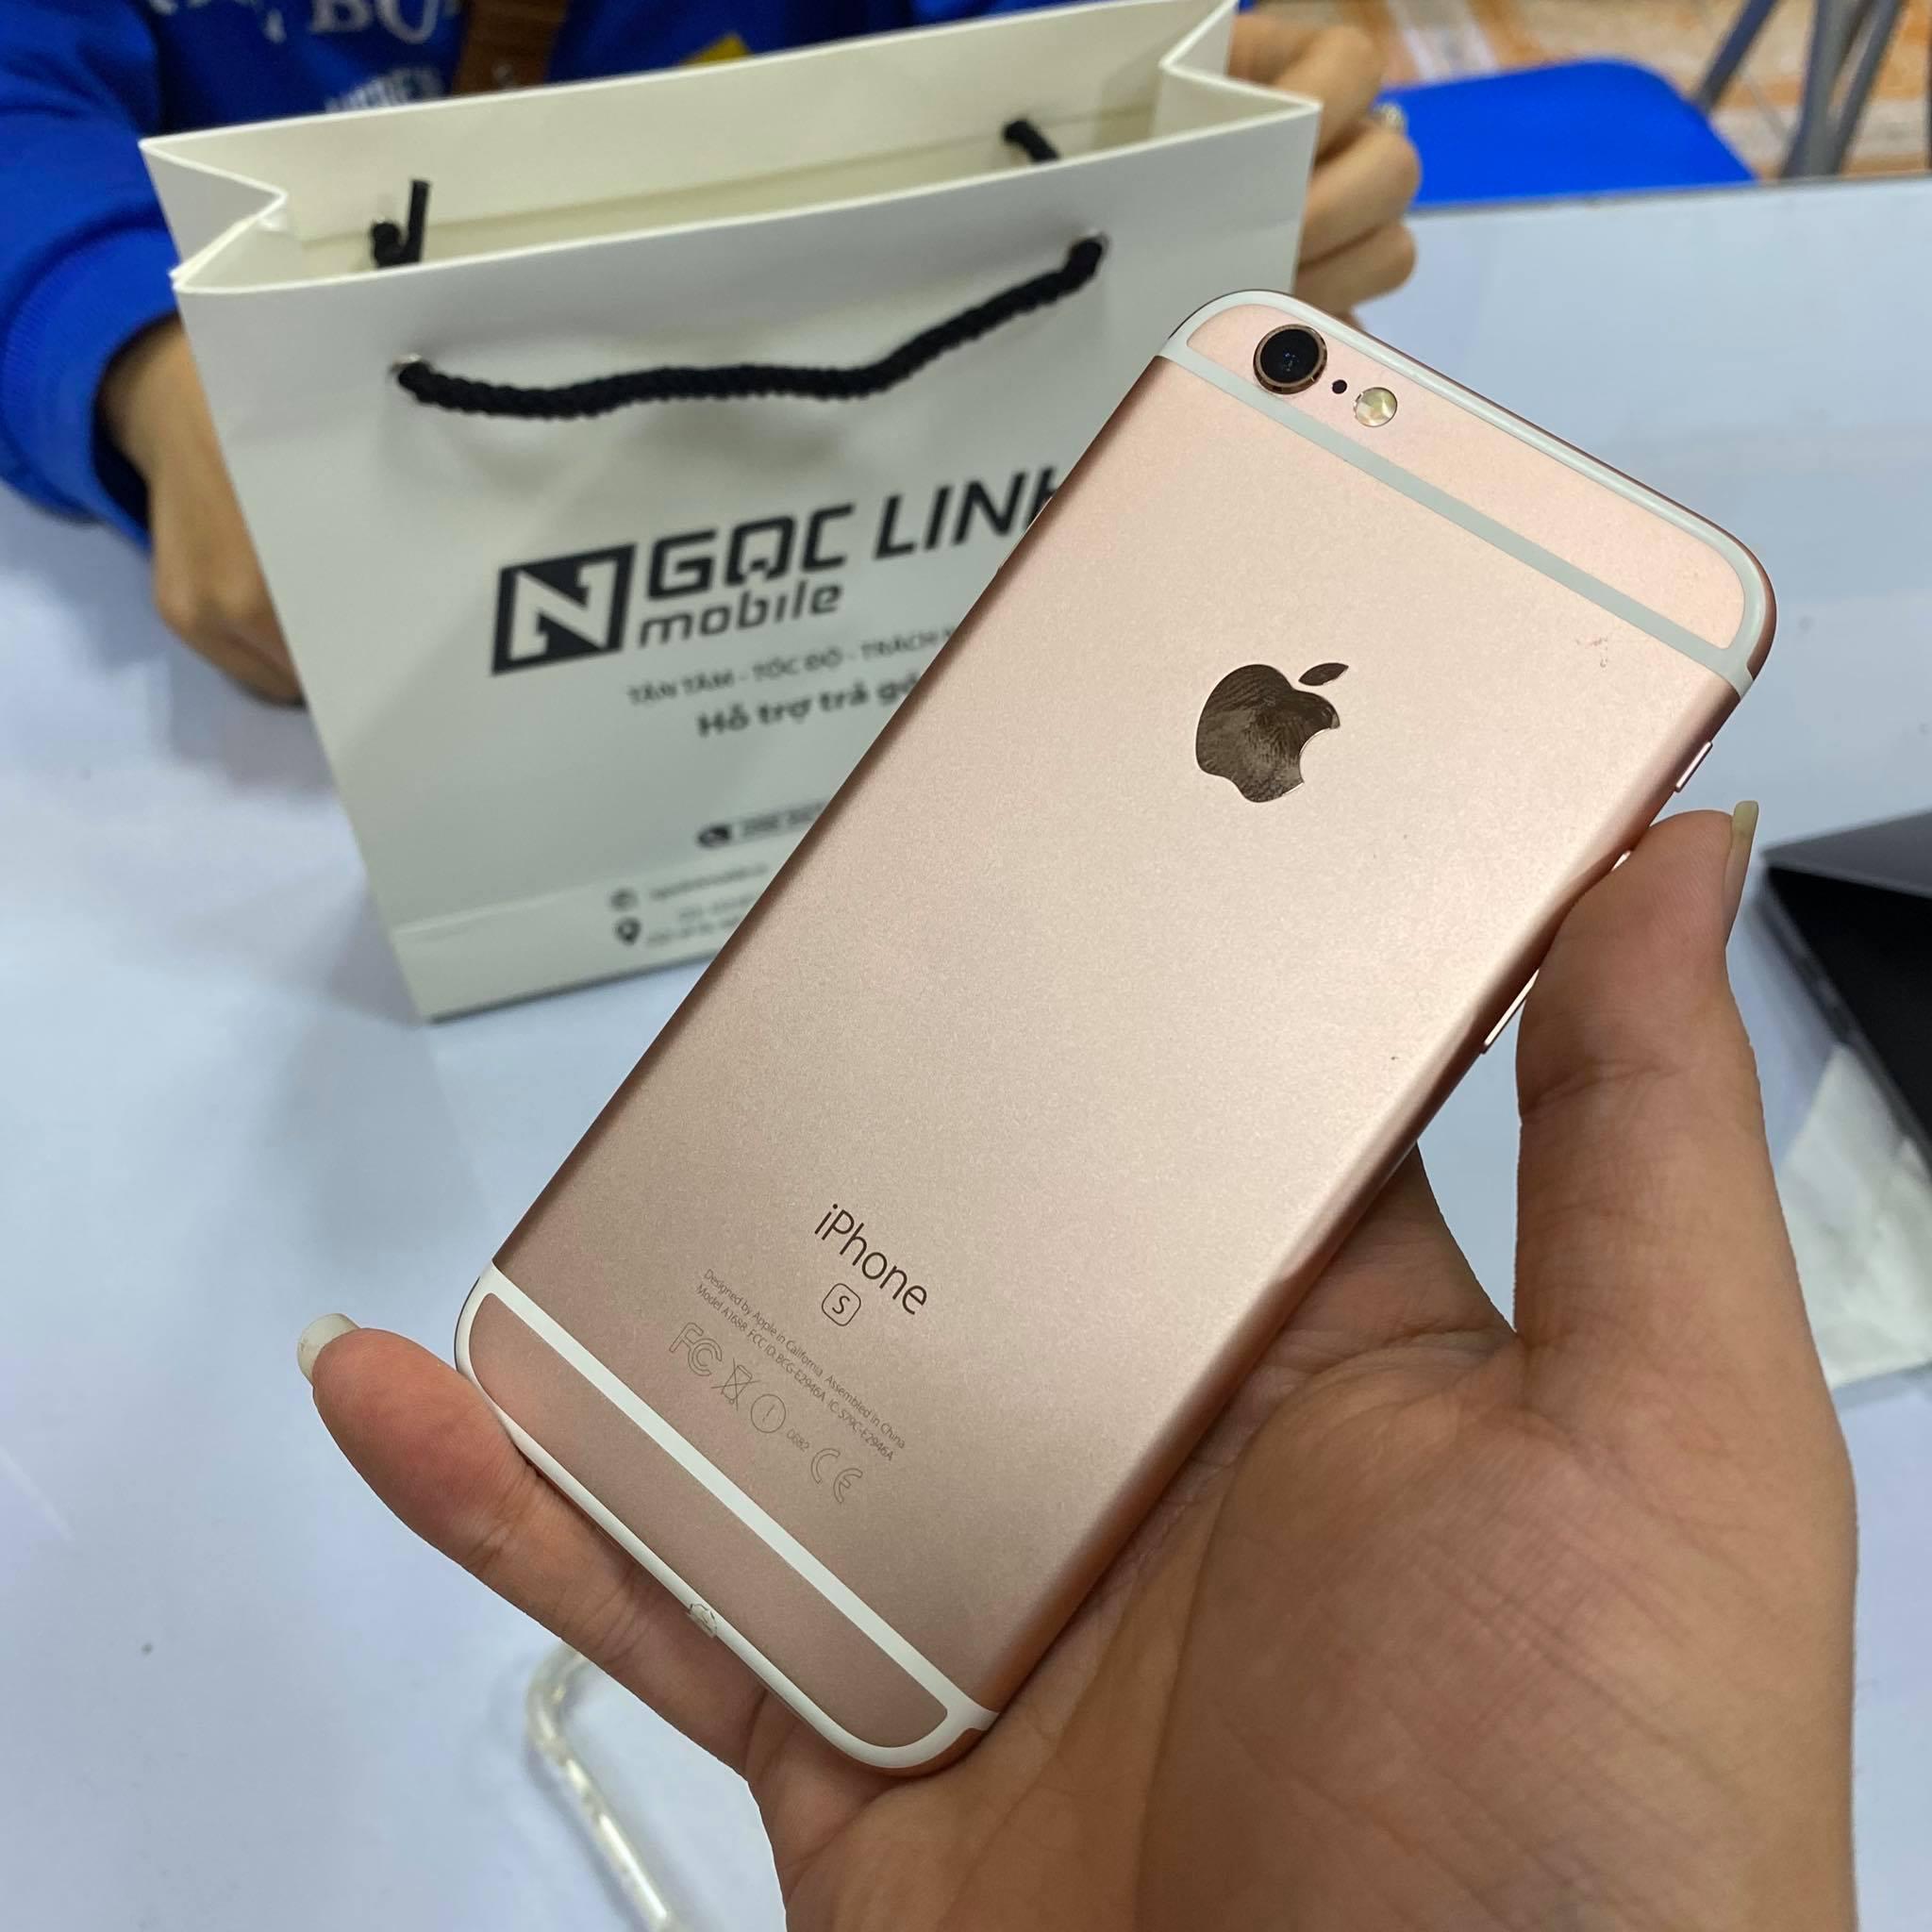 iPhone 8 Plus iPhone 8 Plus - iPhone 6s, iPhone 7 Plus, iPhone 8 Plus - những chiếc iPhone quốc dân